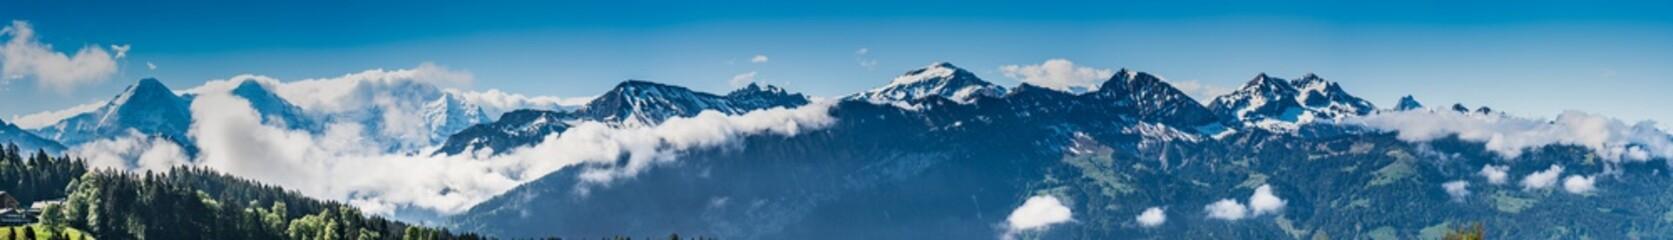 Switzerland, Beatenberg Alps panoramic view